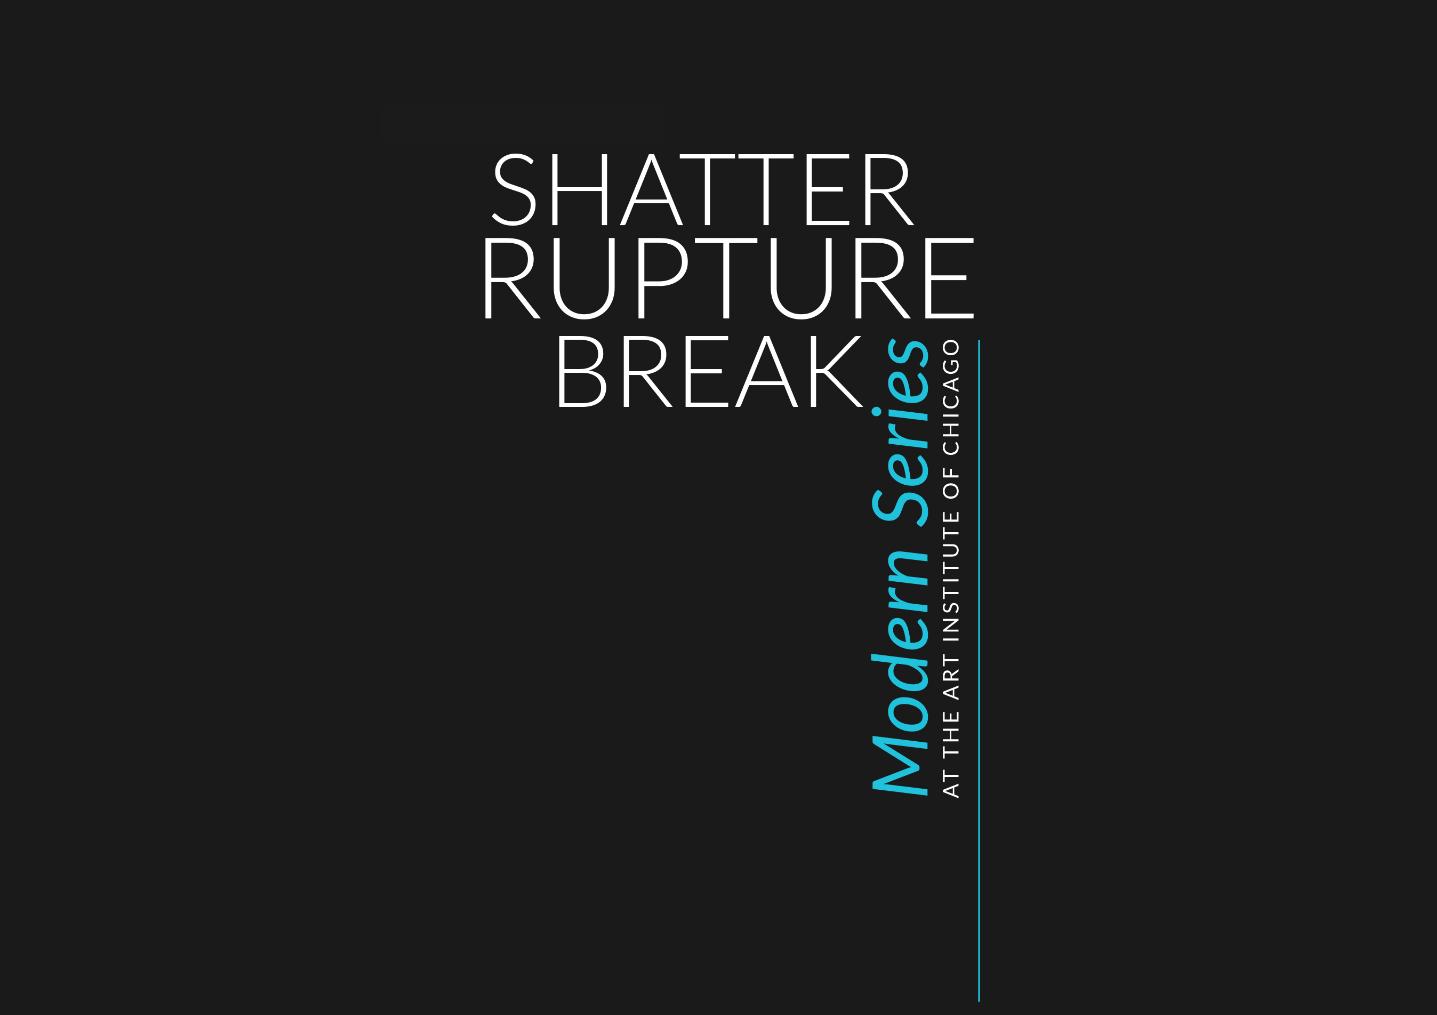 Shatter Rupture Break